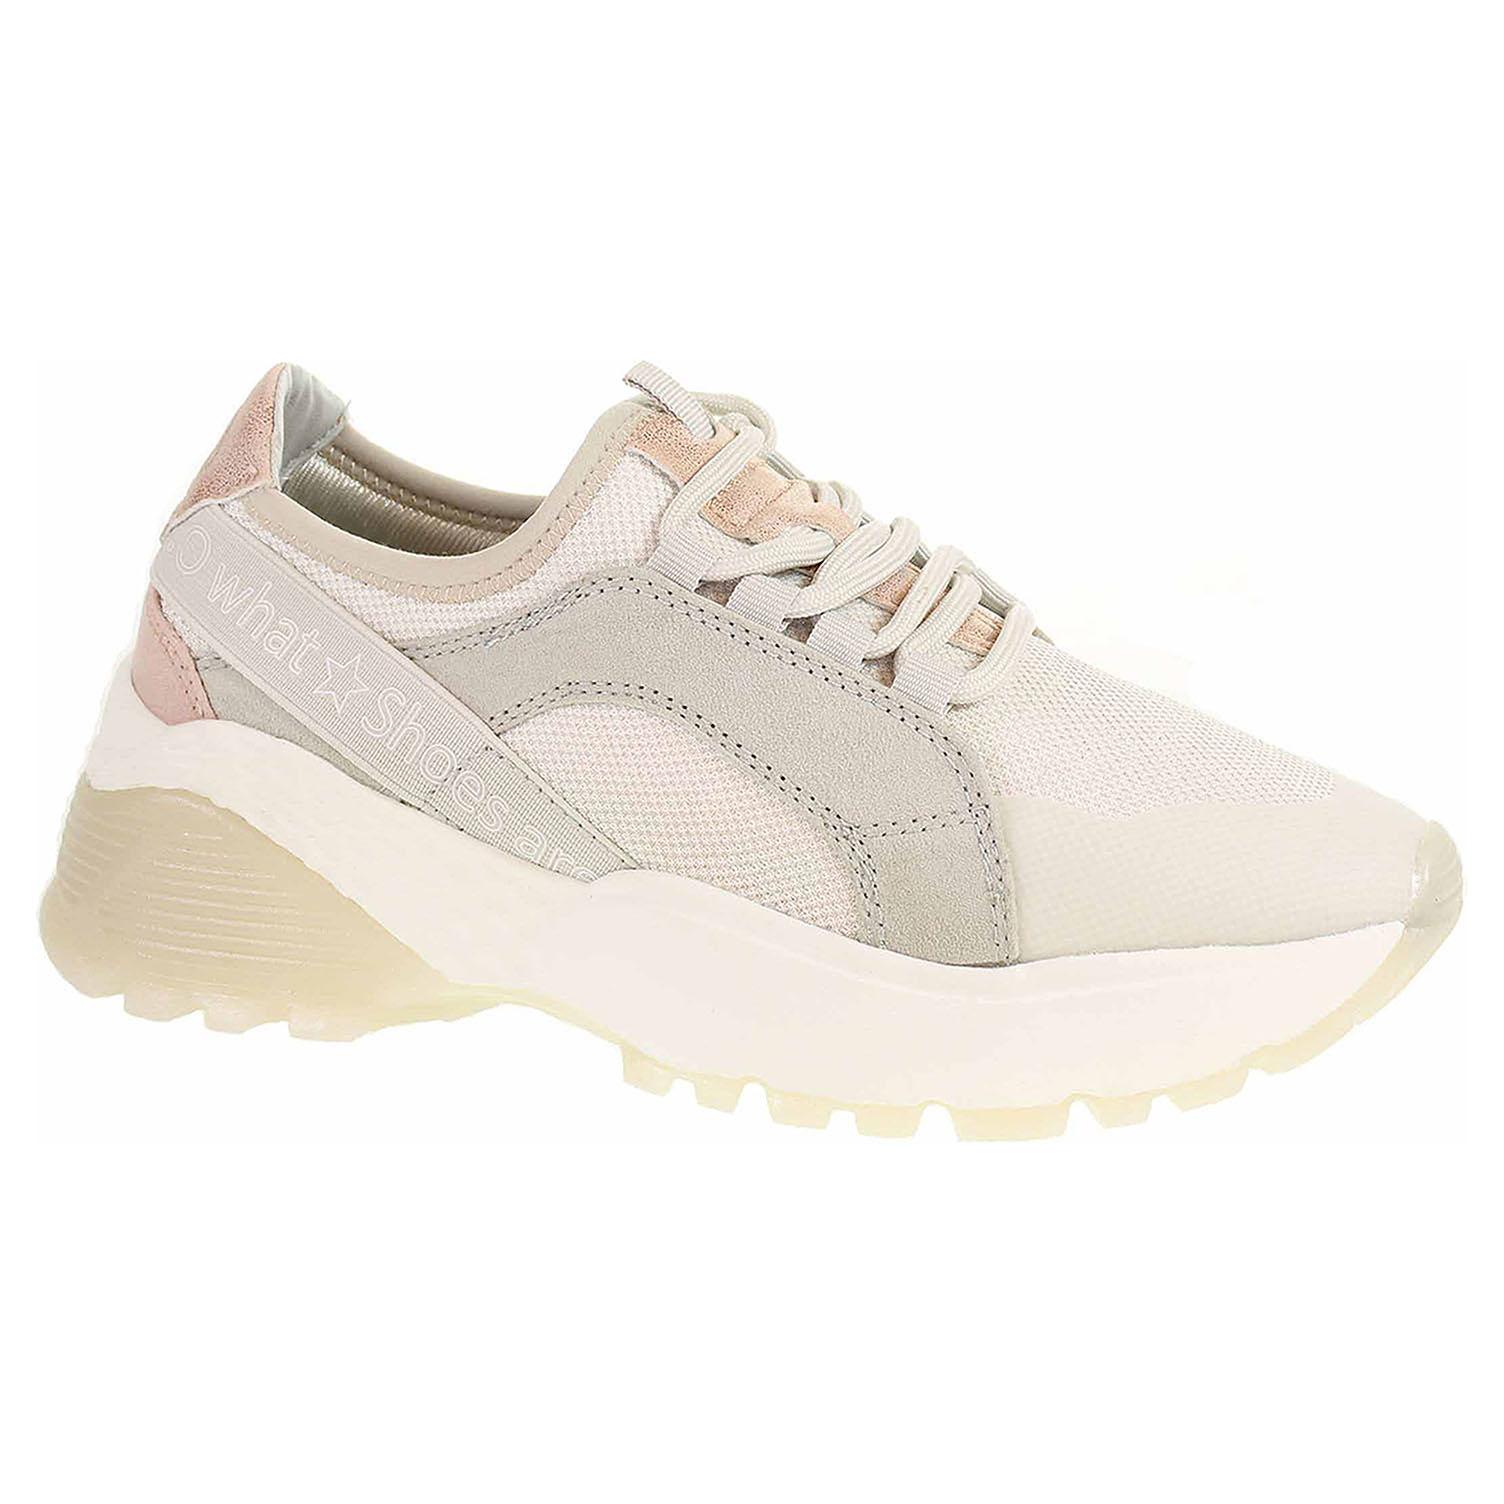 Dámská obuv s.Oliver 5-23633-22 grey 5-5-23633-22 200 39